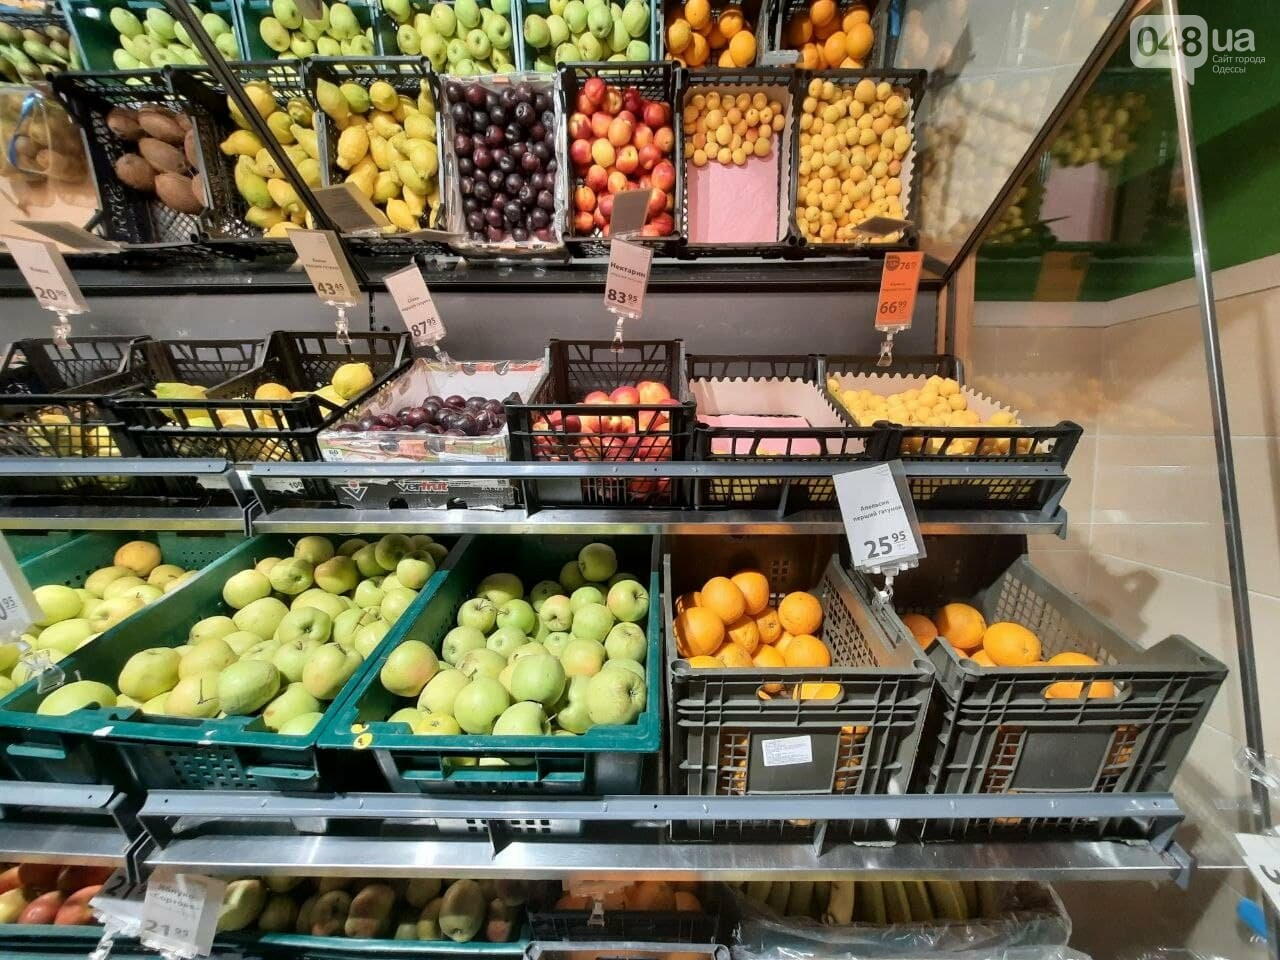 Клубника, черешня, нектарин: мониторинг цен на сезонные фрукты и ягоды в одесских супермаркетах, - ФОТО, фото-1